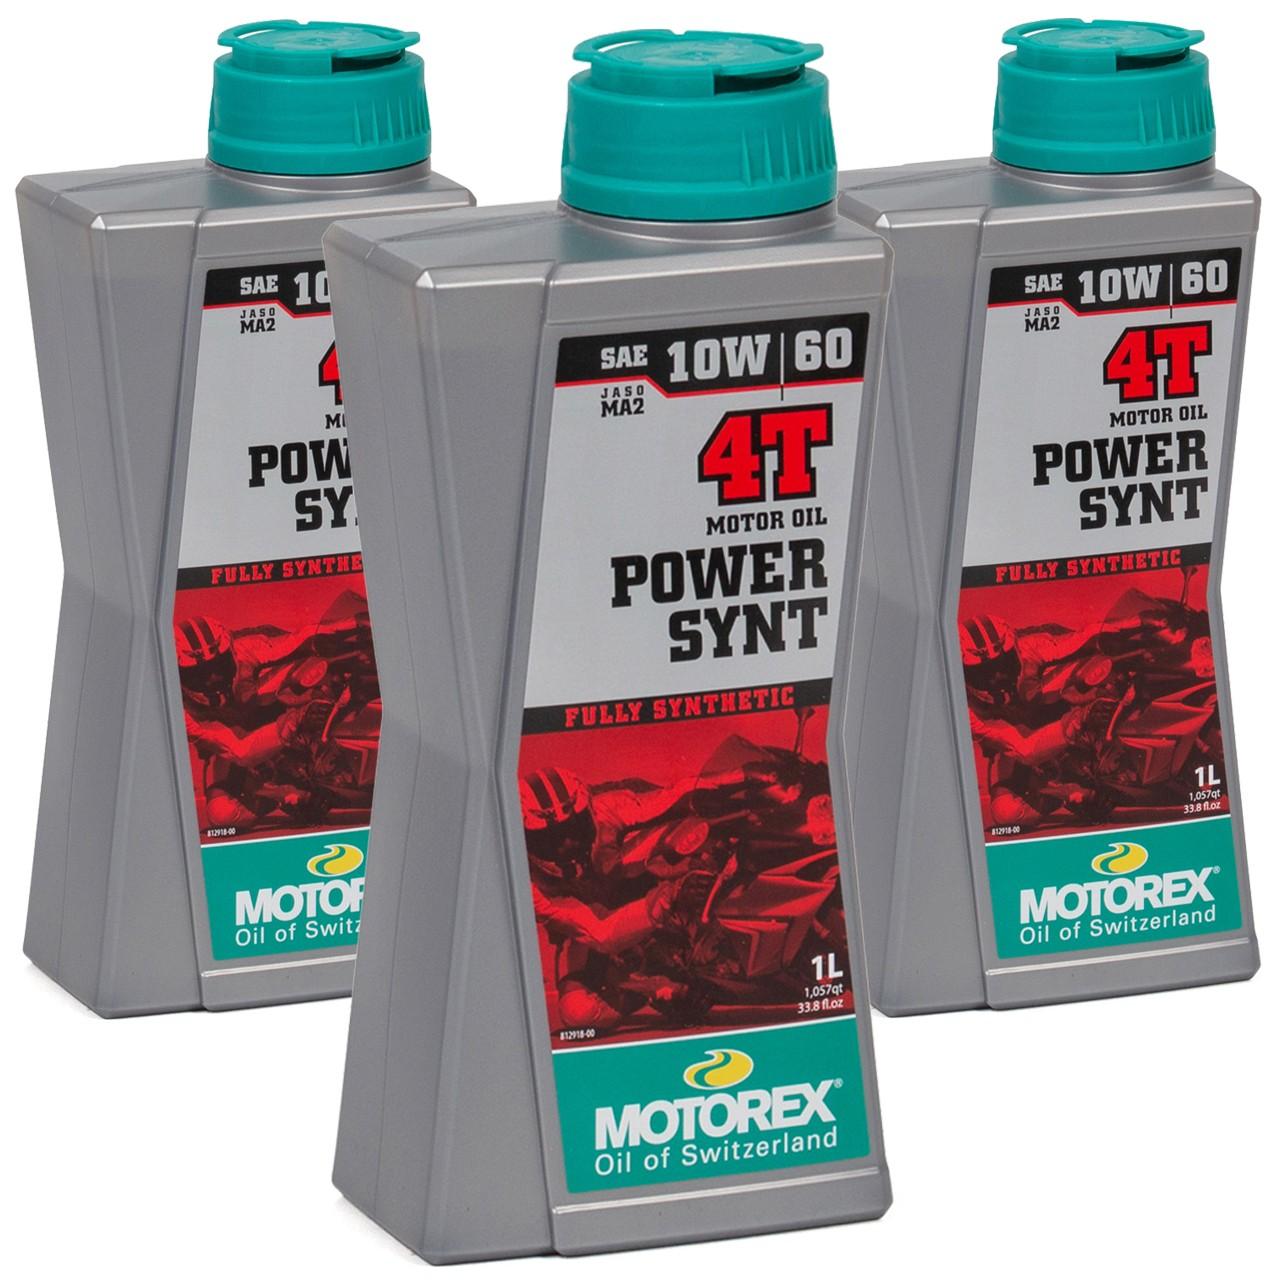 MOTOREX Power Synt 4T Motoröl Öl 10W60 JASO MA2 API SL/SH/SG - 3L 3 Liter